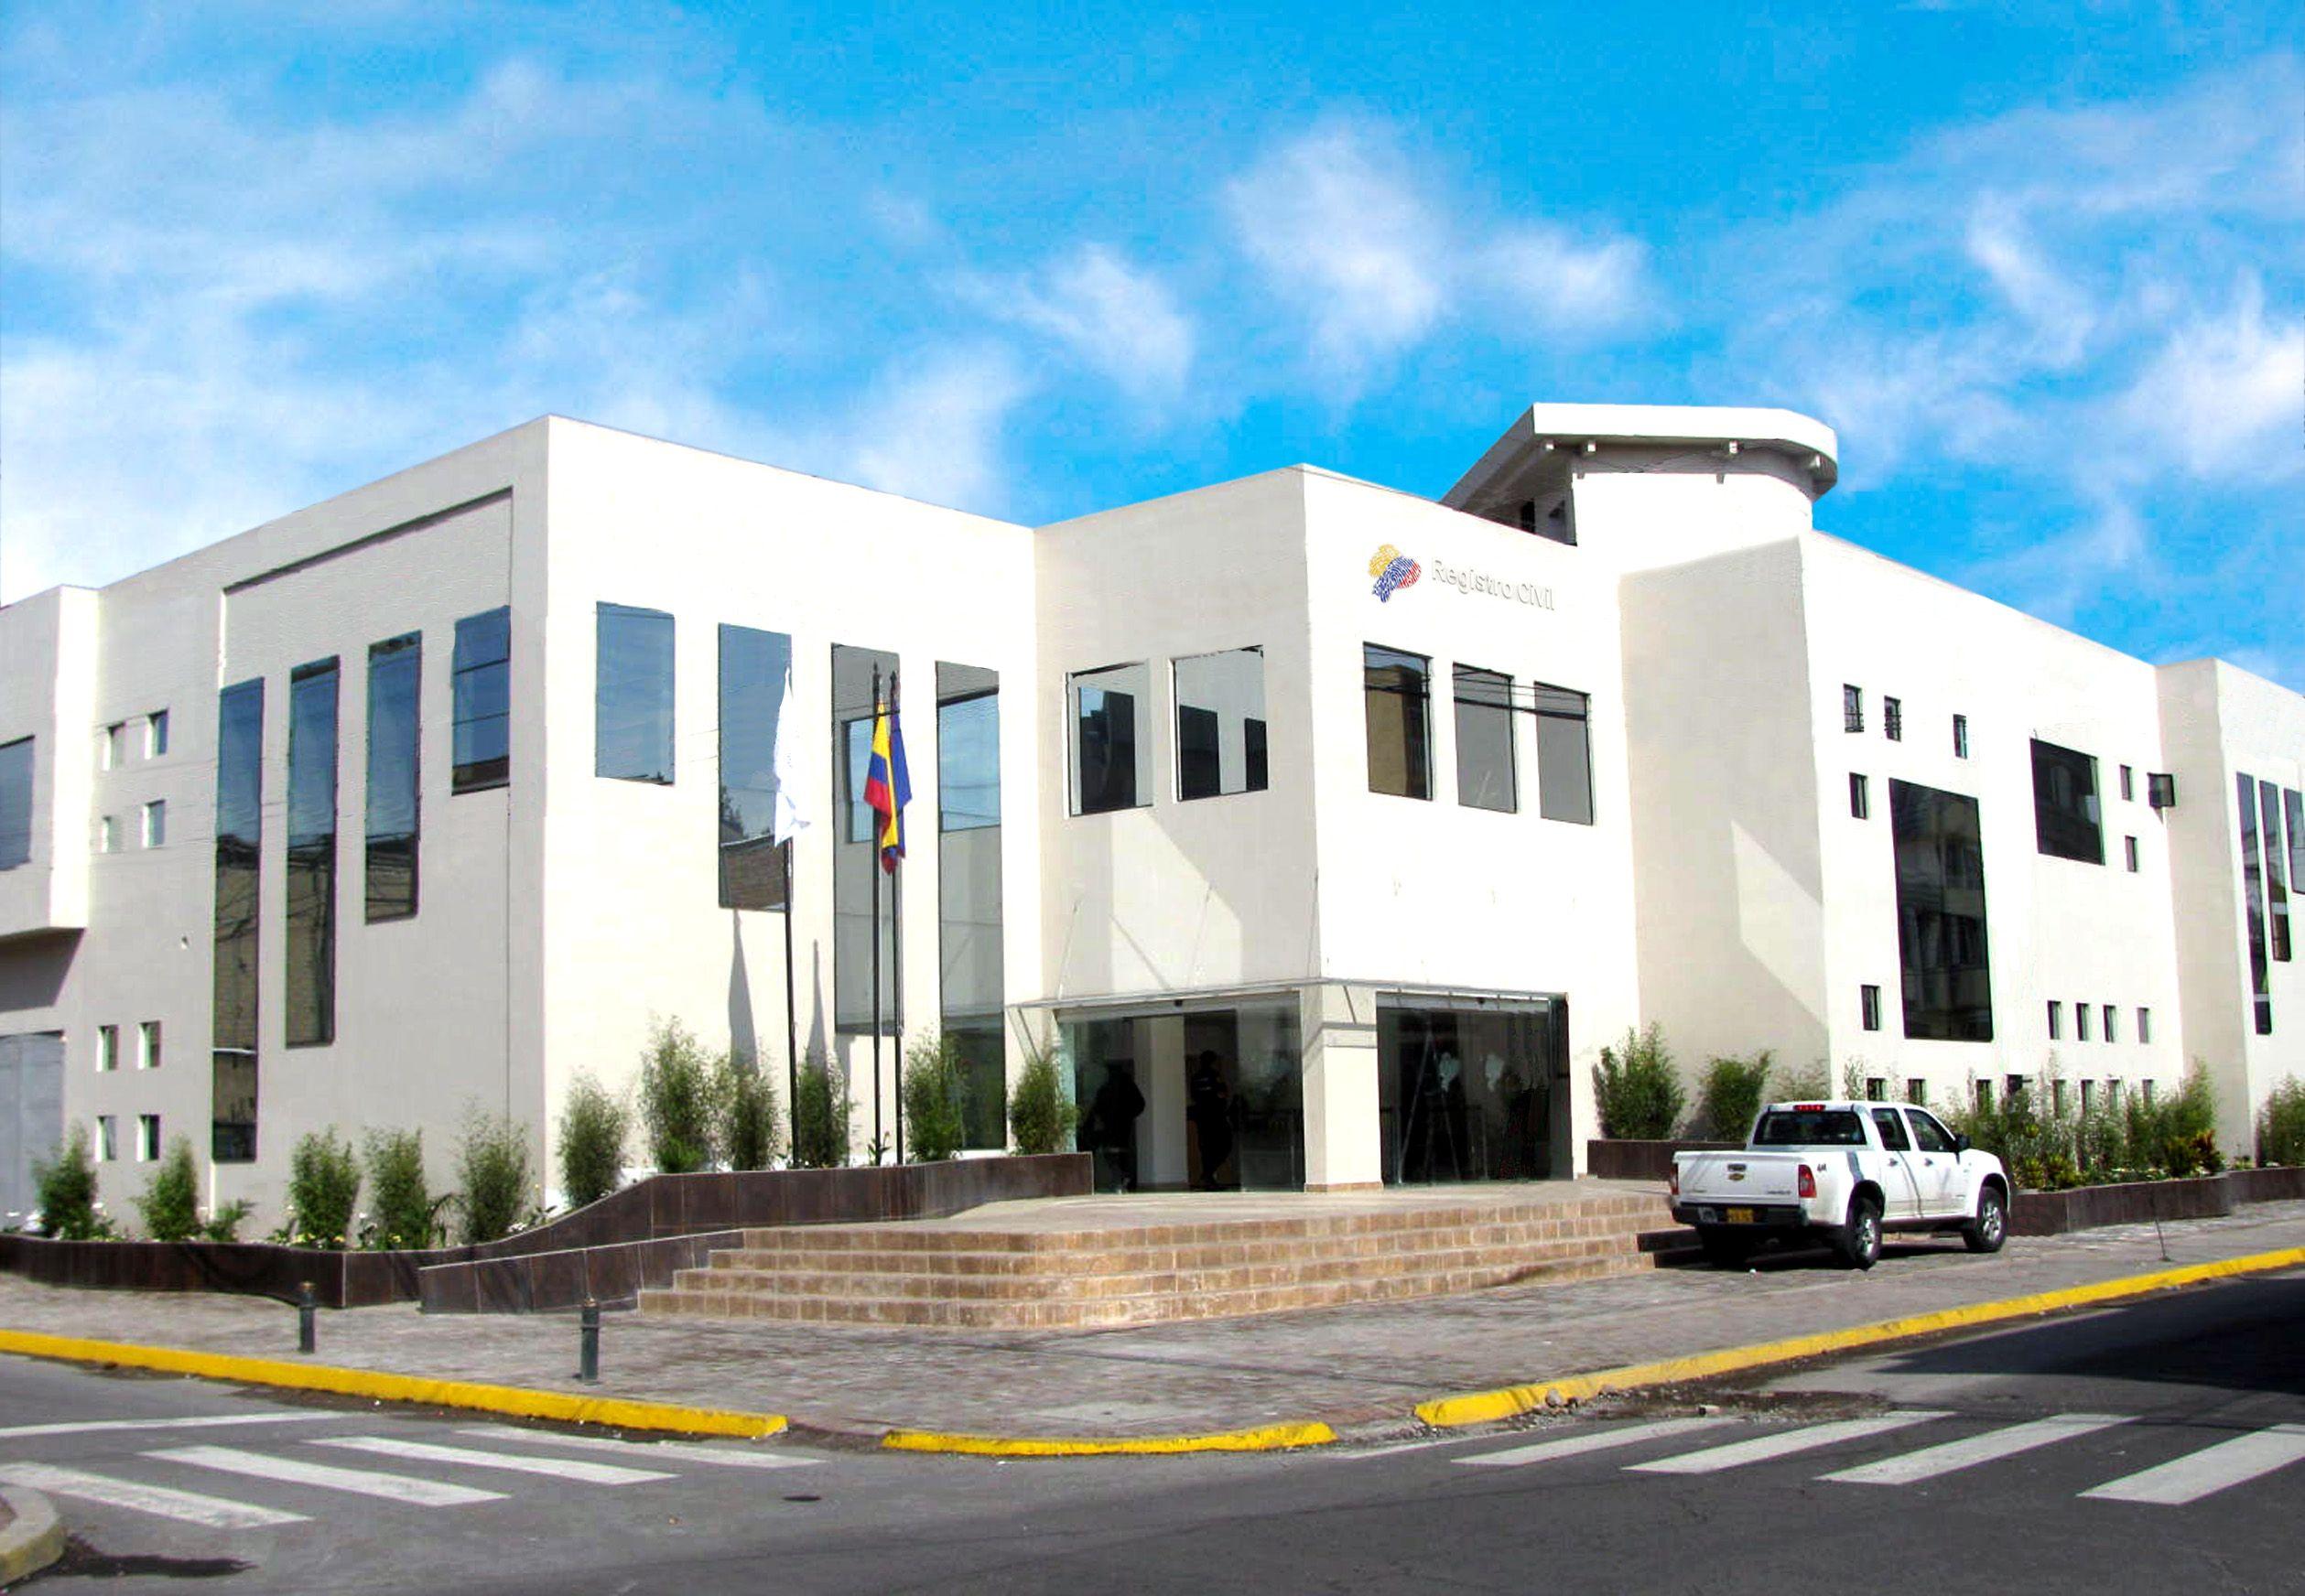 Exteriores de nuestra agencia en Riobamba Paises